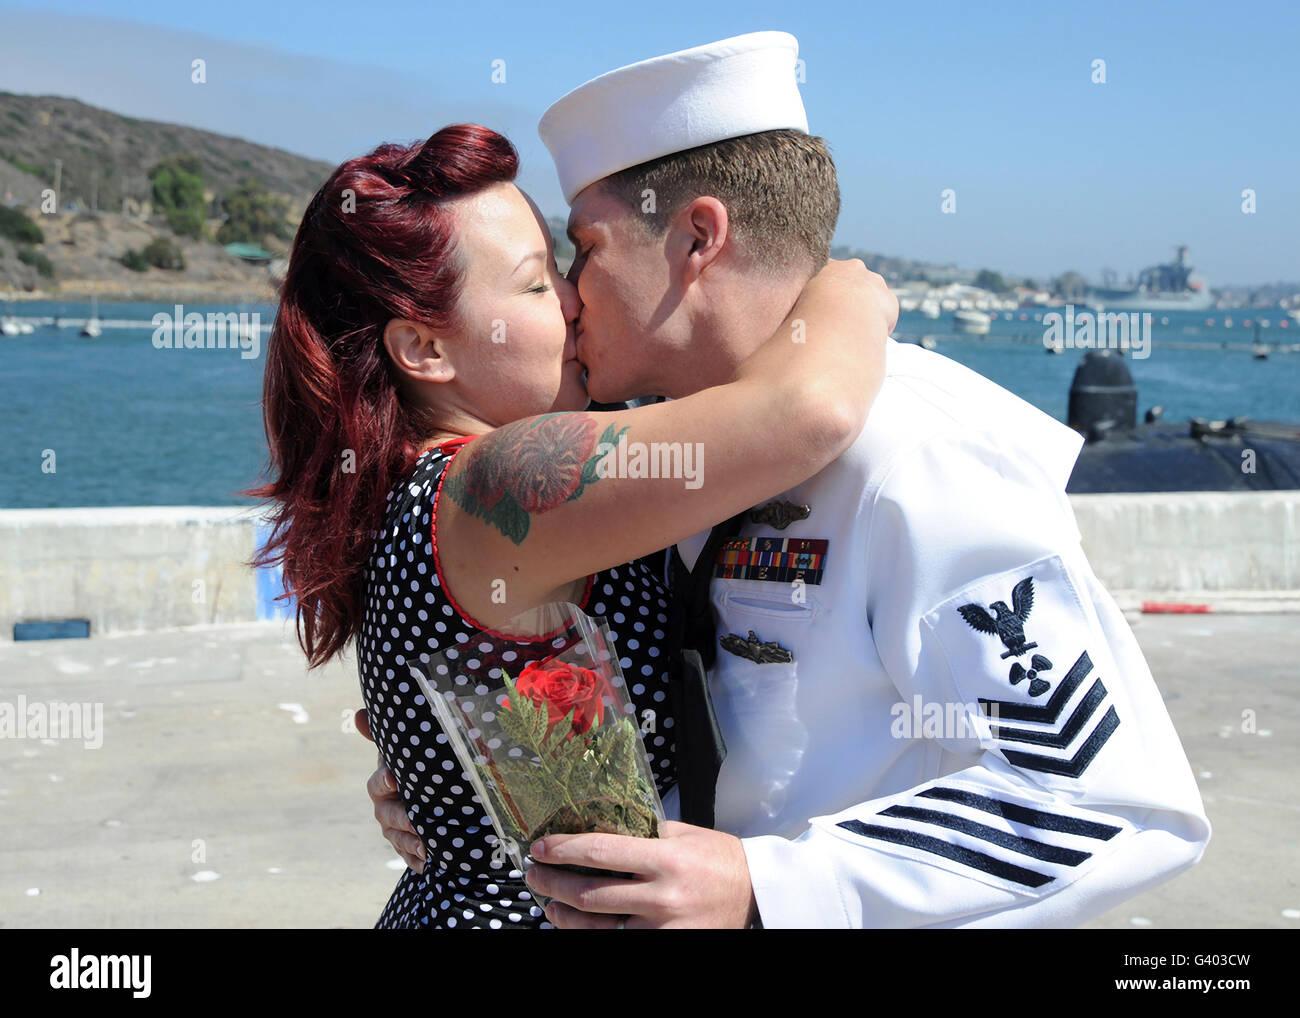 Marina marinero besa a su esposa durante el regreso a casa. Imagen De Stock